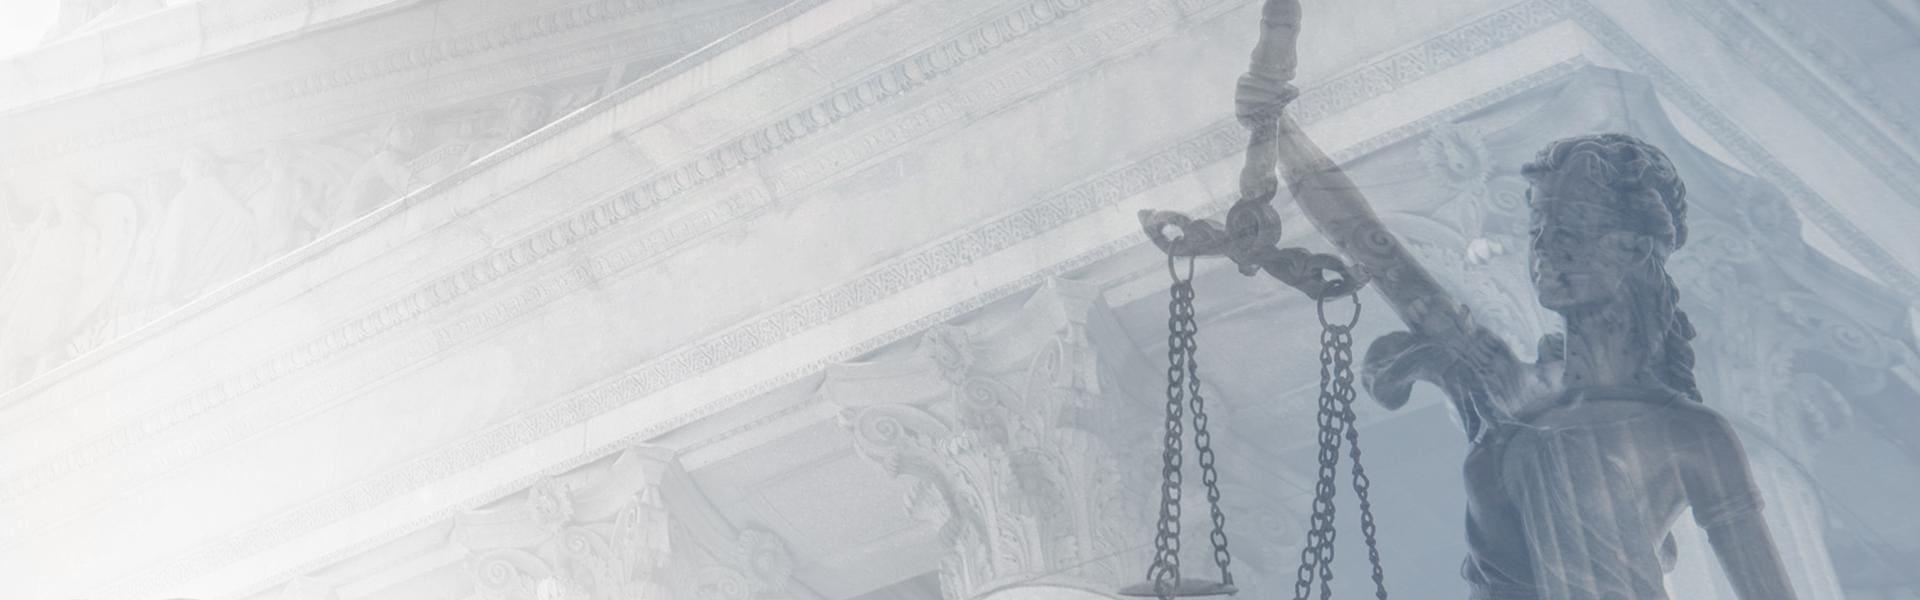 kancelaria prawno podatkowa euro prekybos sistema